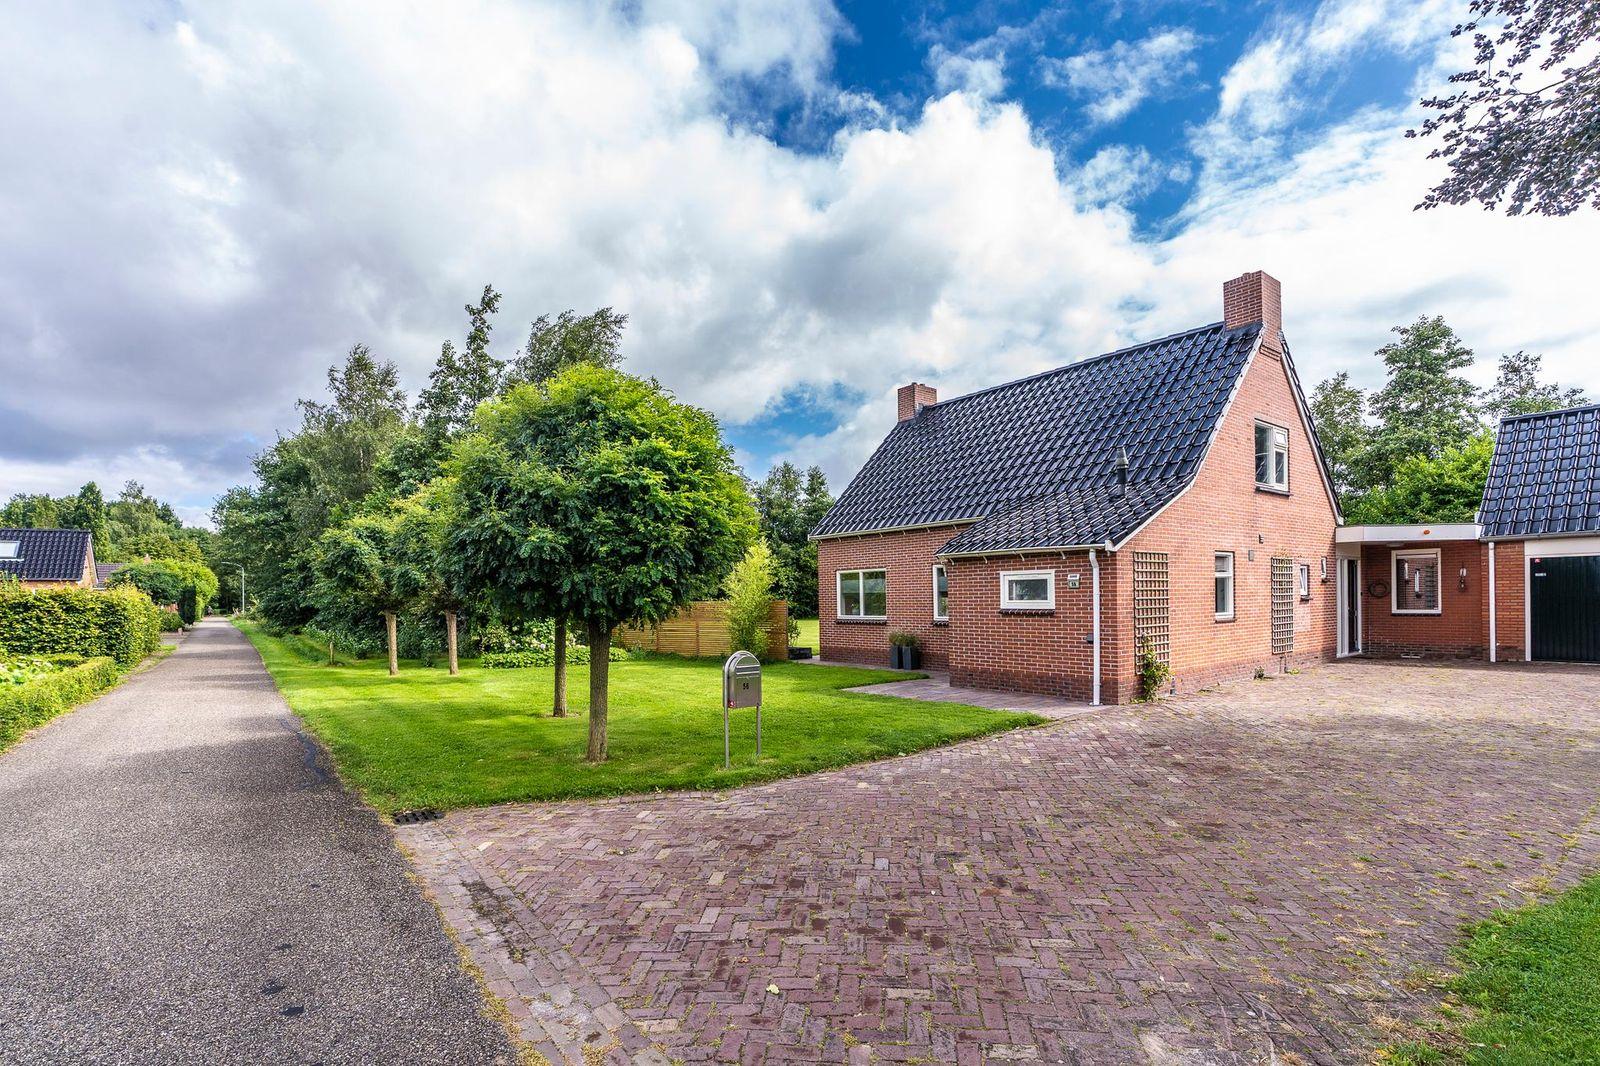 St. Vitusholt 2e laan 56, Winschoten